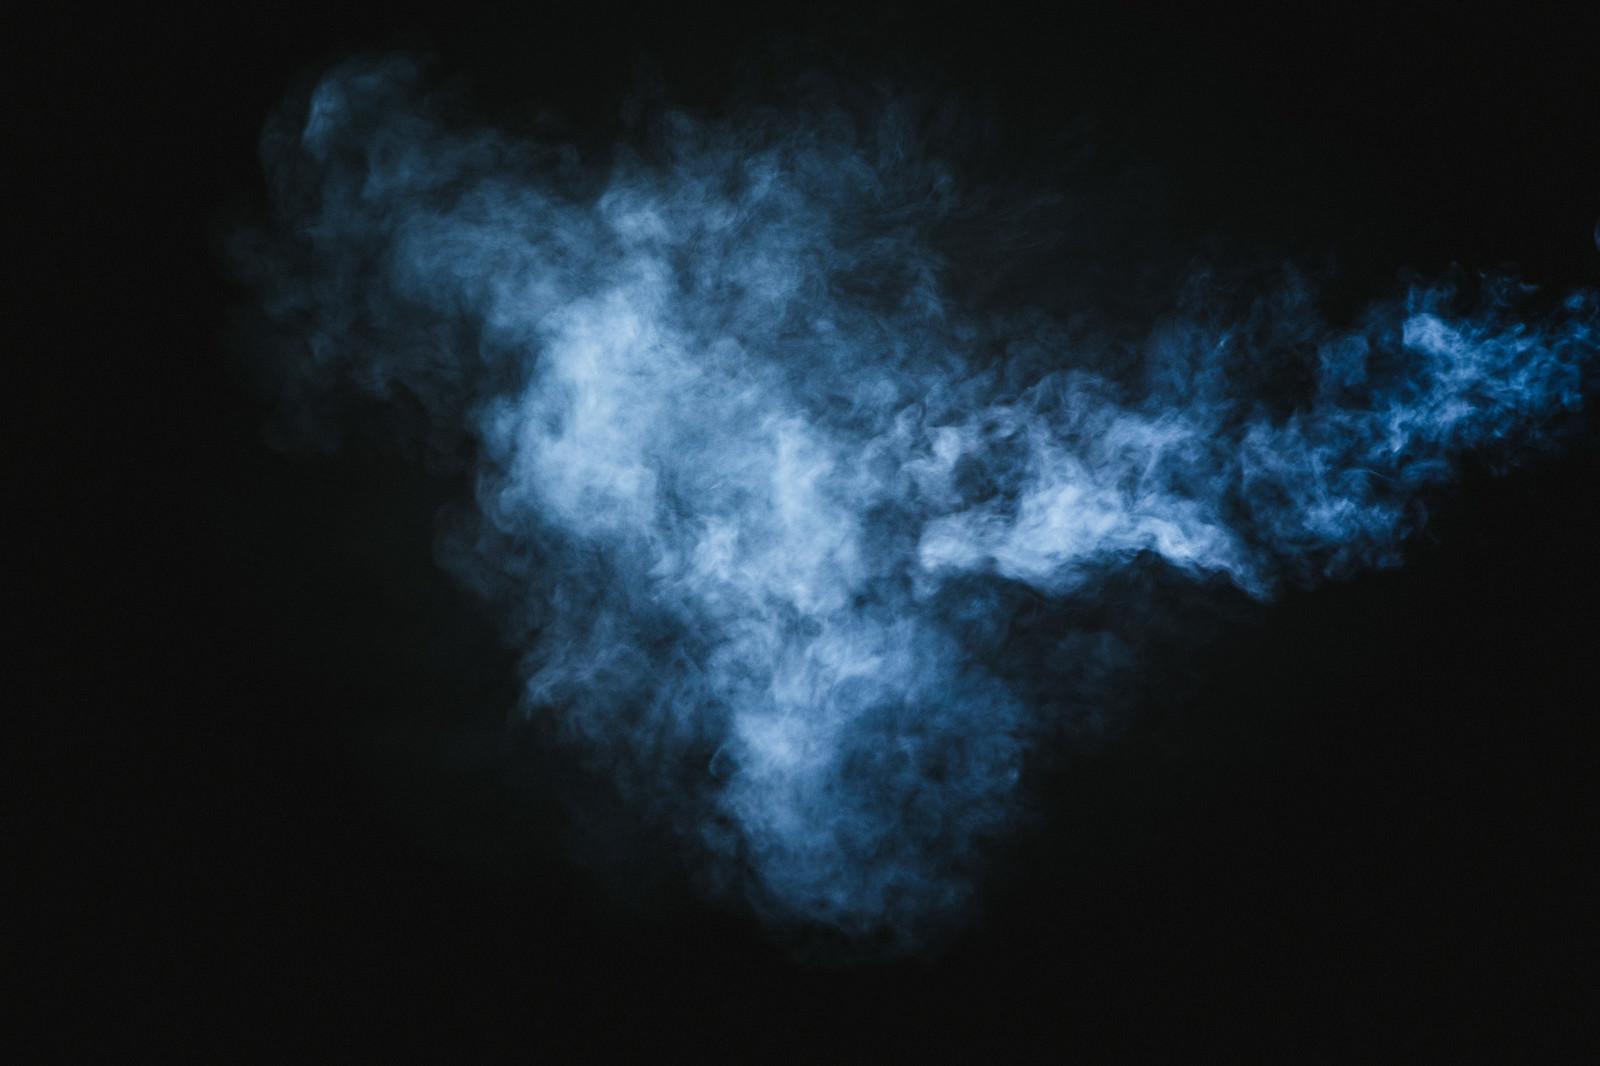 「薄く吐き出された煙(スモーク)」の写真